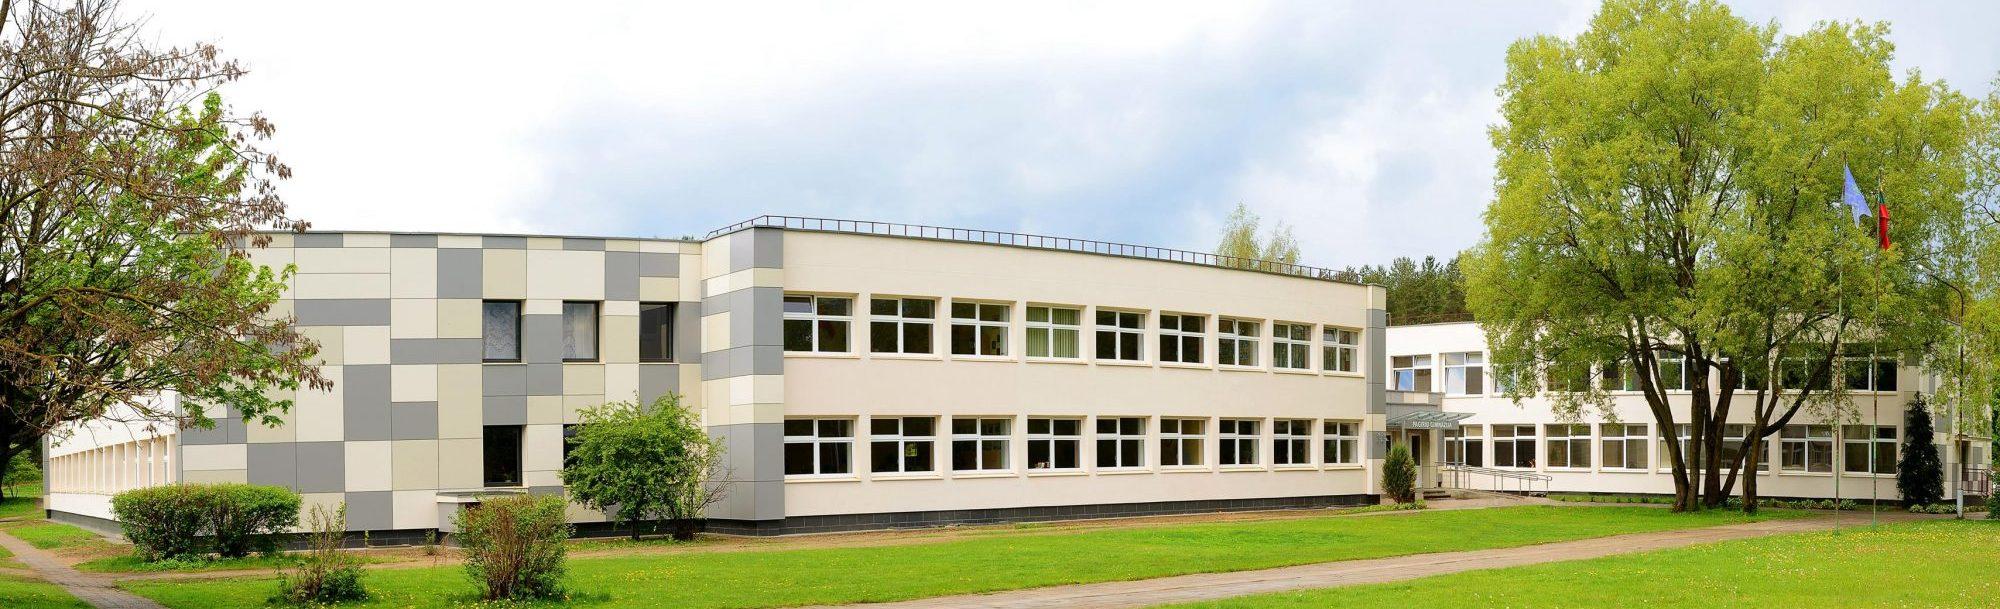 Vilniaus r. Pagirių gimnazija